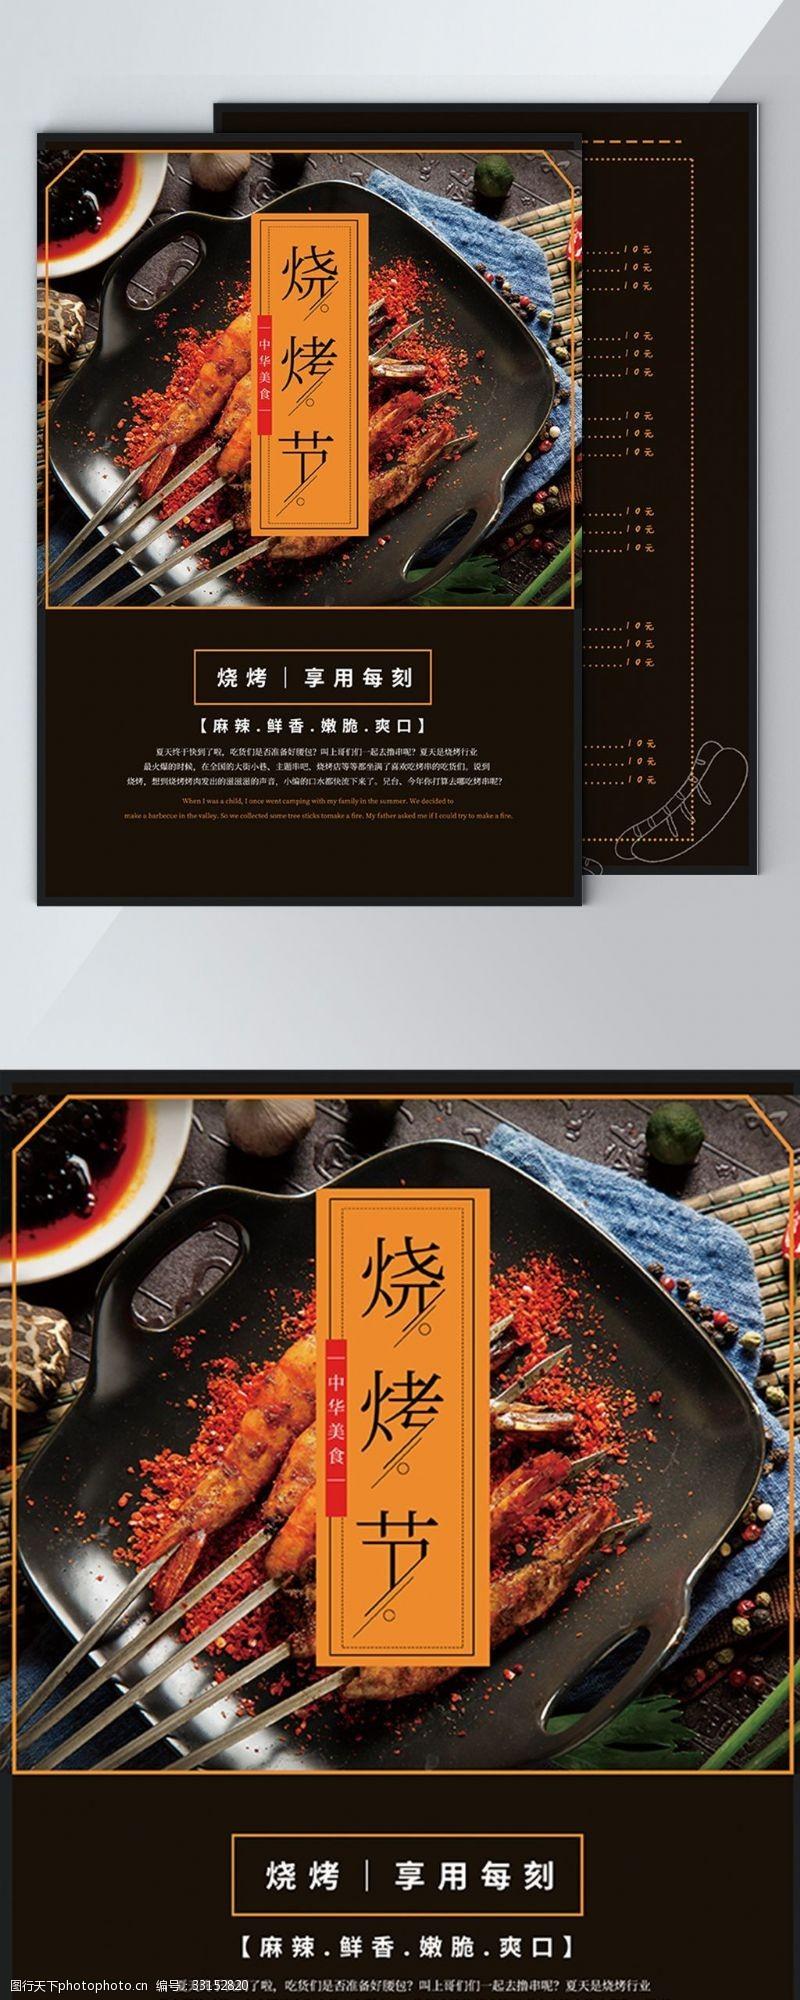 dm宣傳單簡約時尚燒烤菜單DM宣傳單